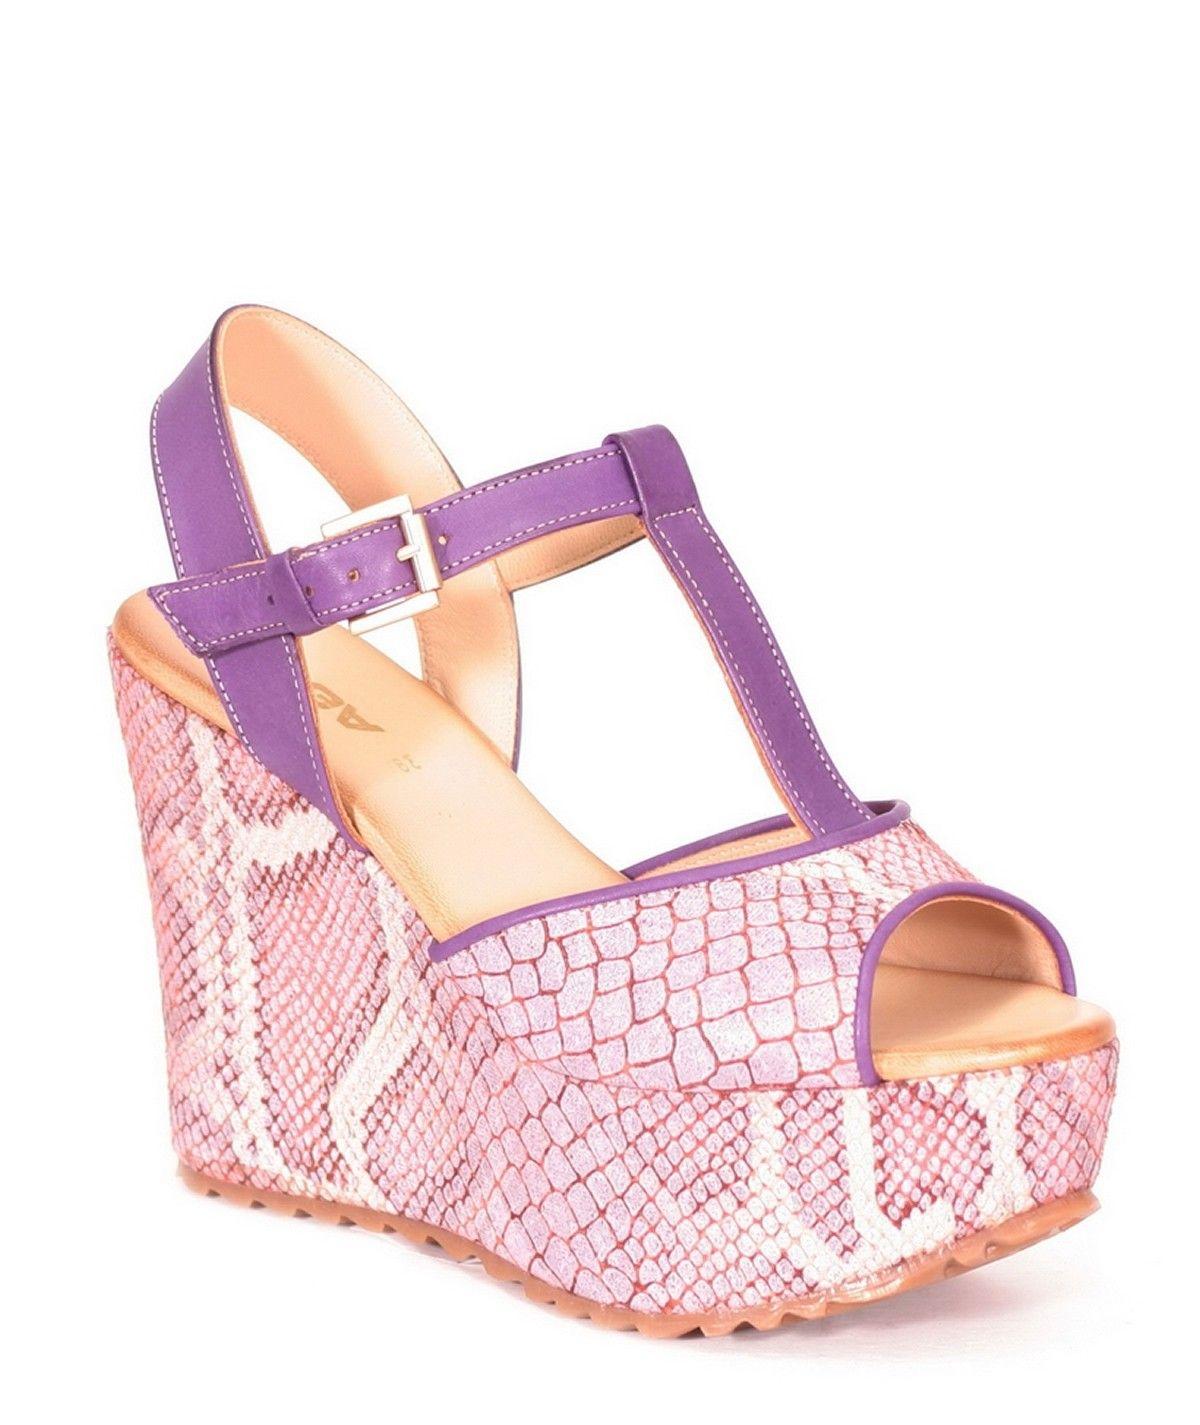 Sandálias com padrão animal